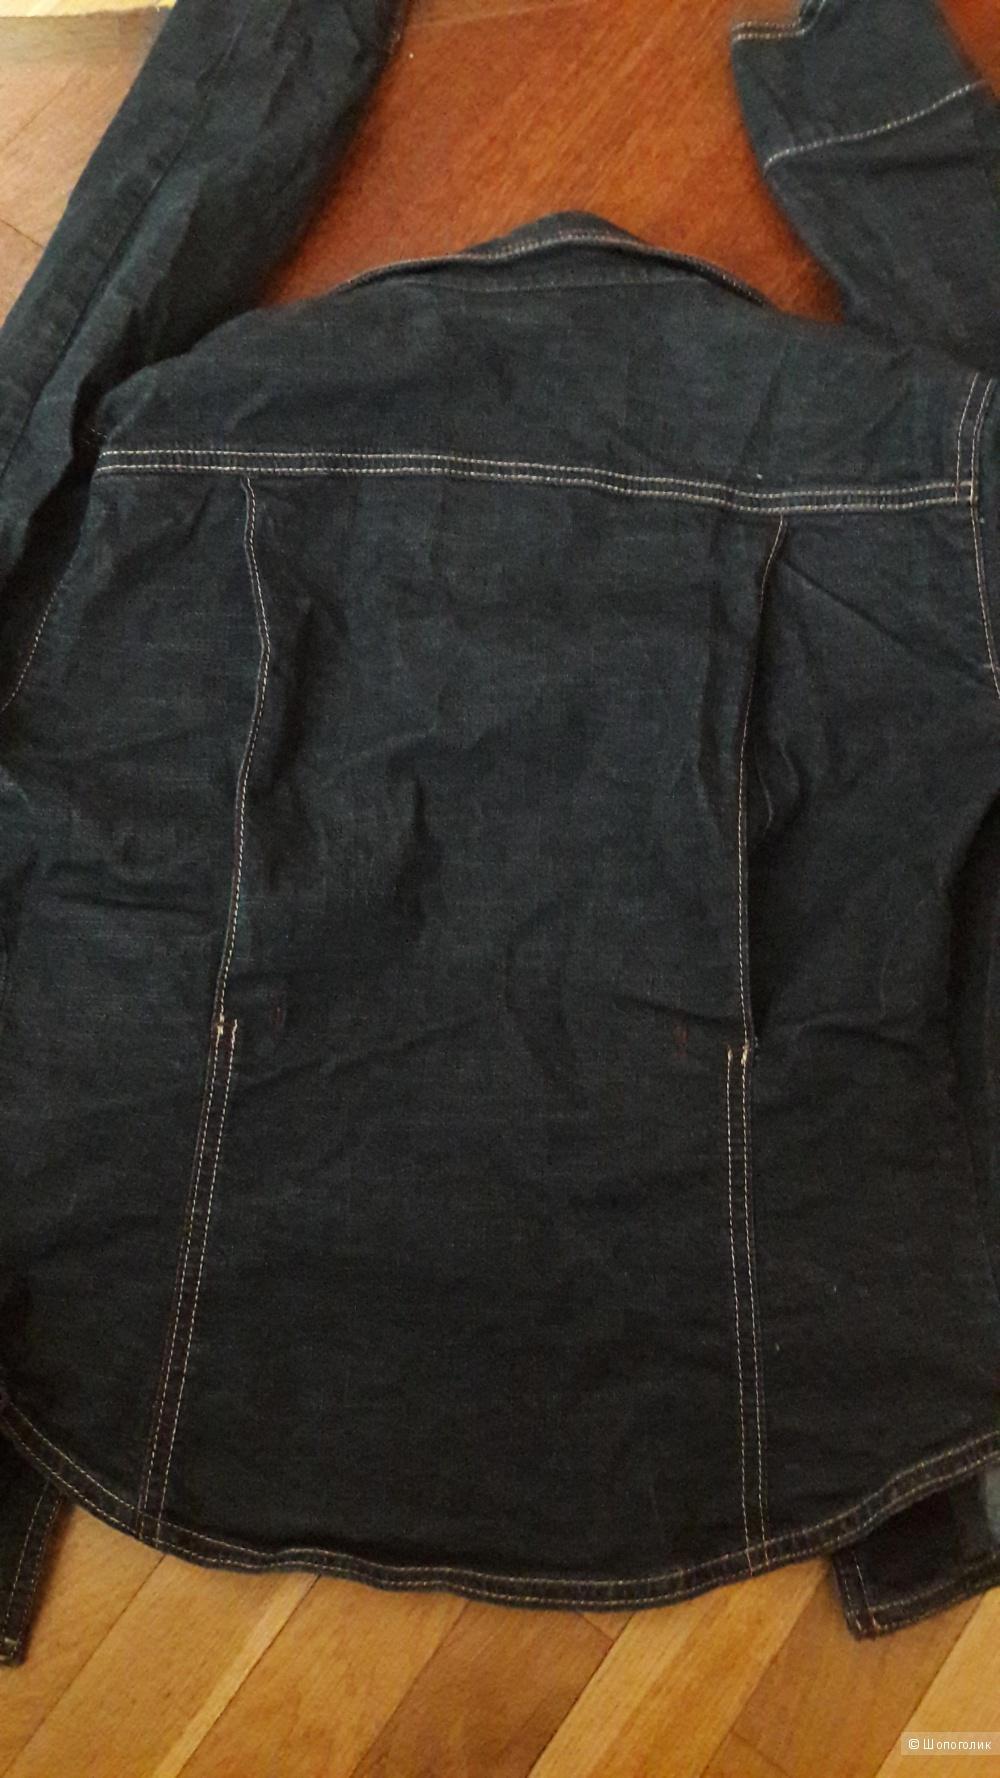 Новый джинсовый пиджак куртка Iceberg размер S (42)